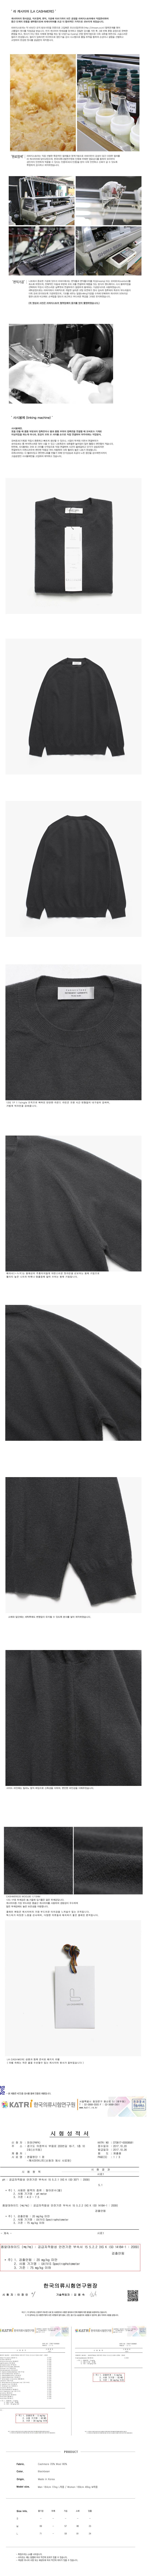 Cashmere_Round_knit_BlackBean_02.jpg